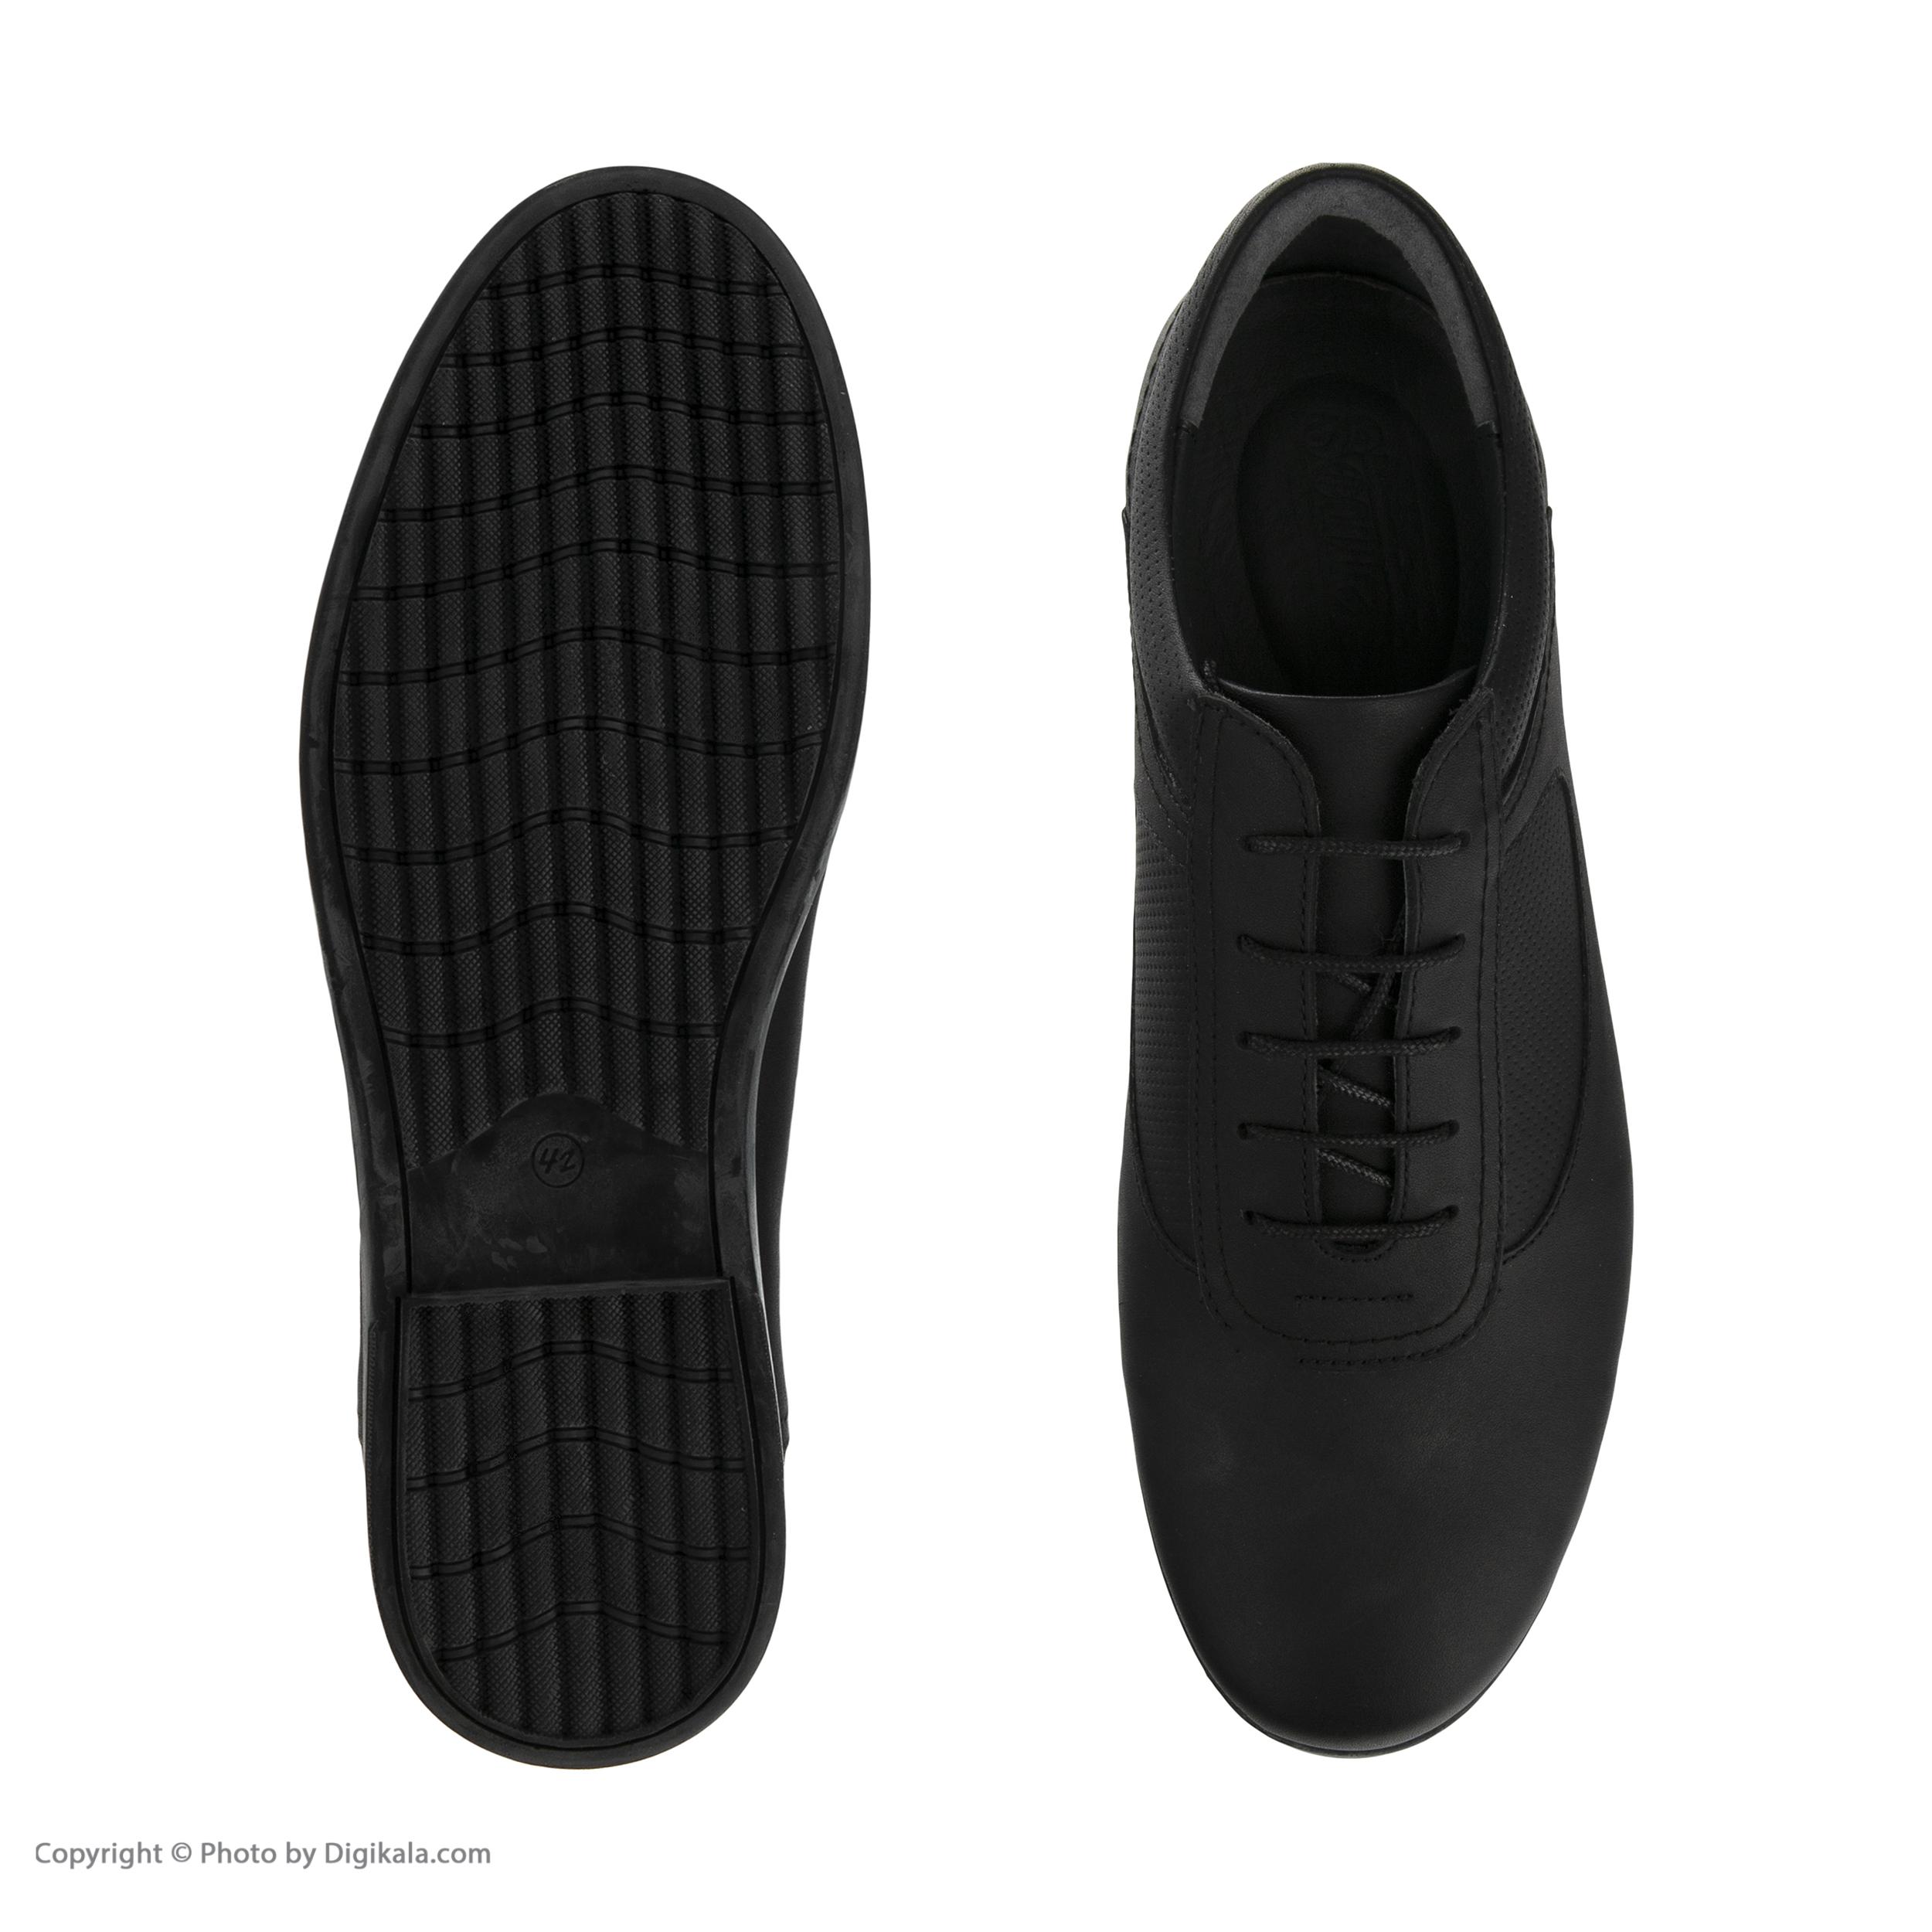 کفش روزمره مردانه سوته مدل 5017A503101 -  - 7